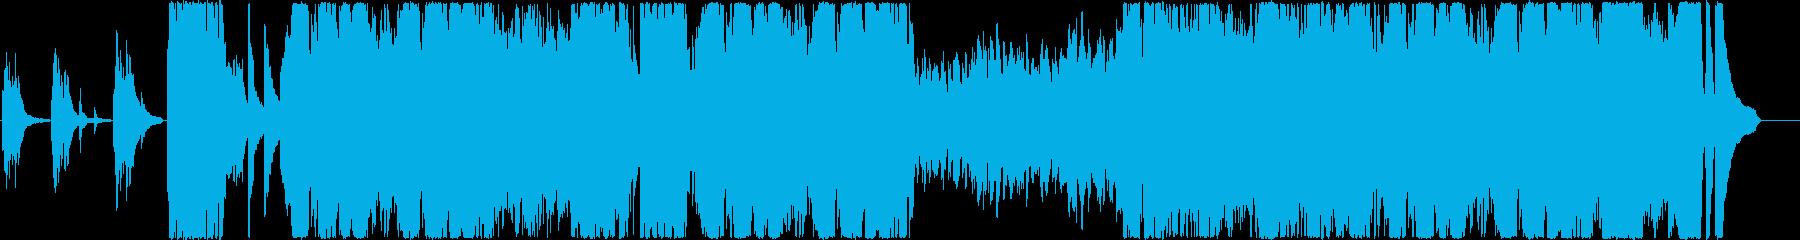 疾走感のあるクラシック系のピアノ曲の再生済みの波形